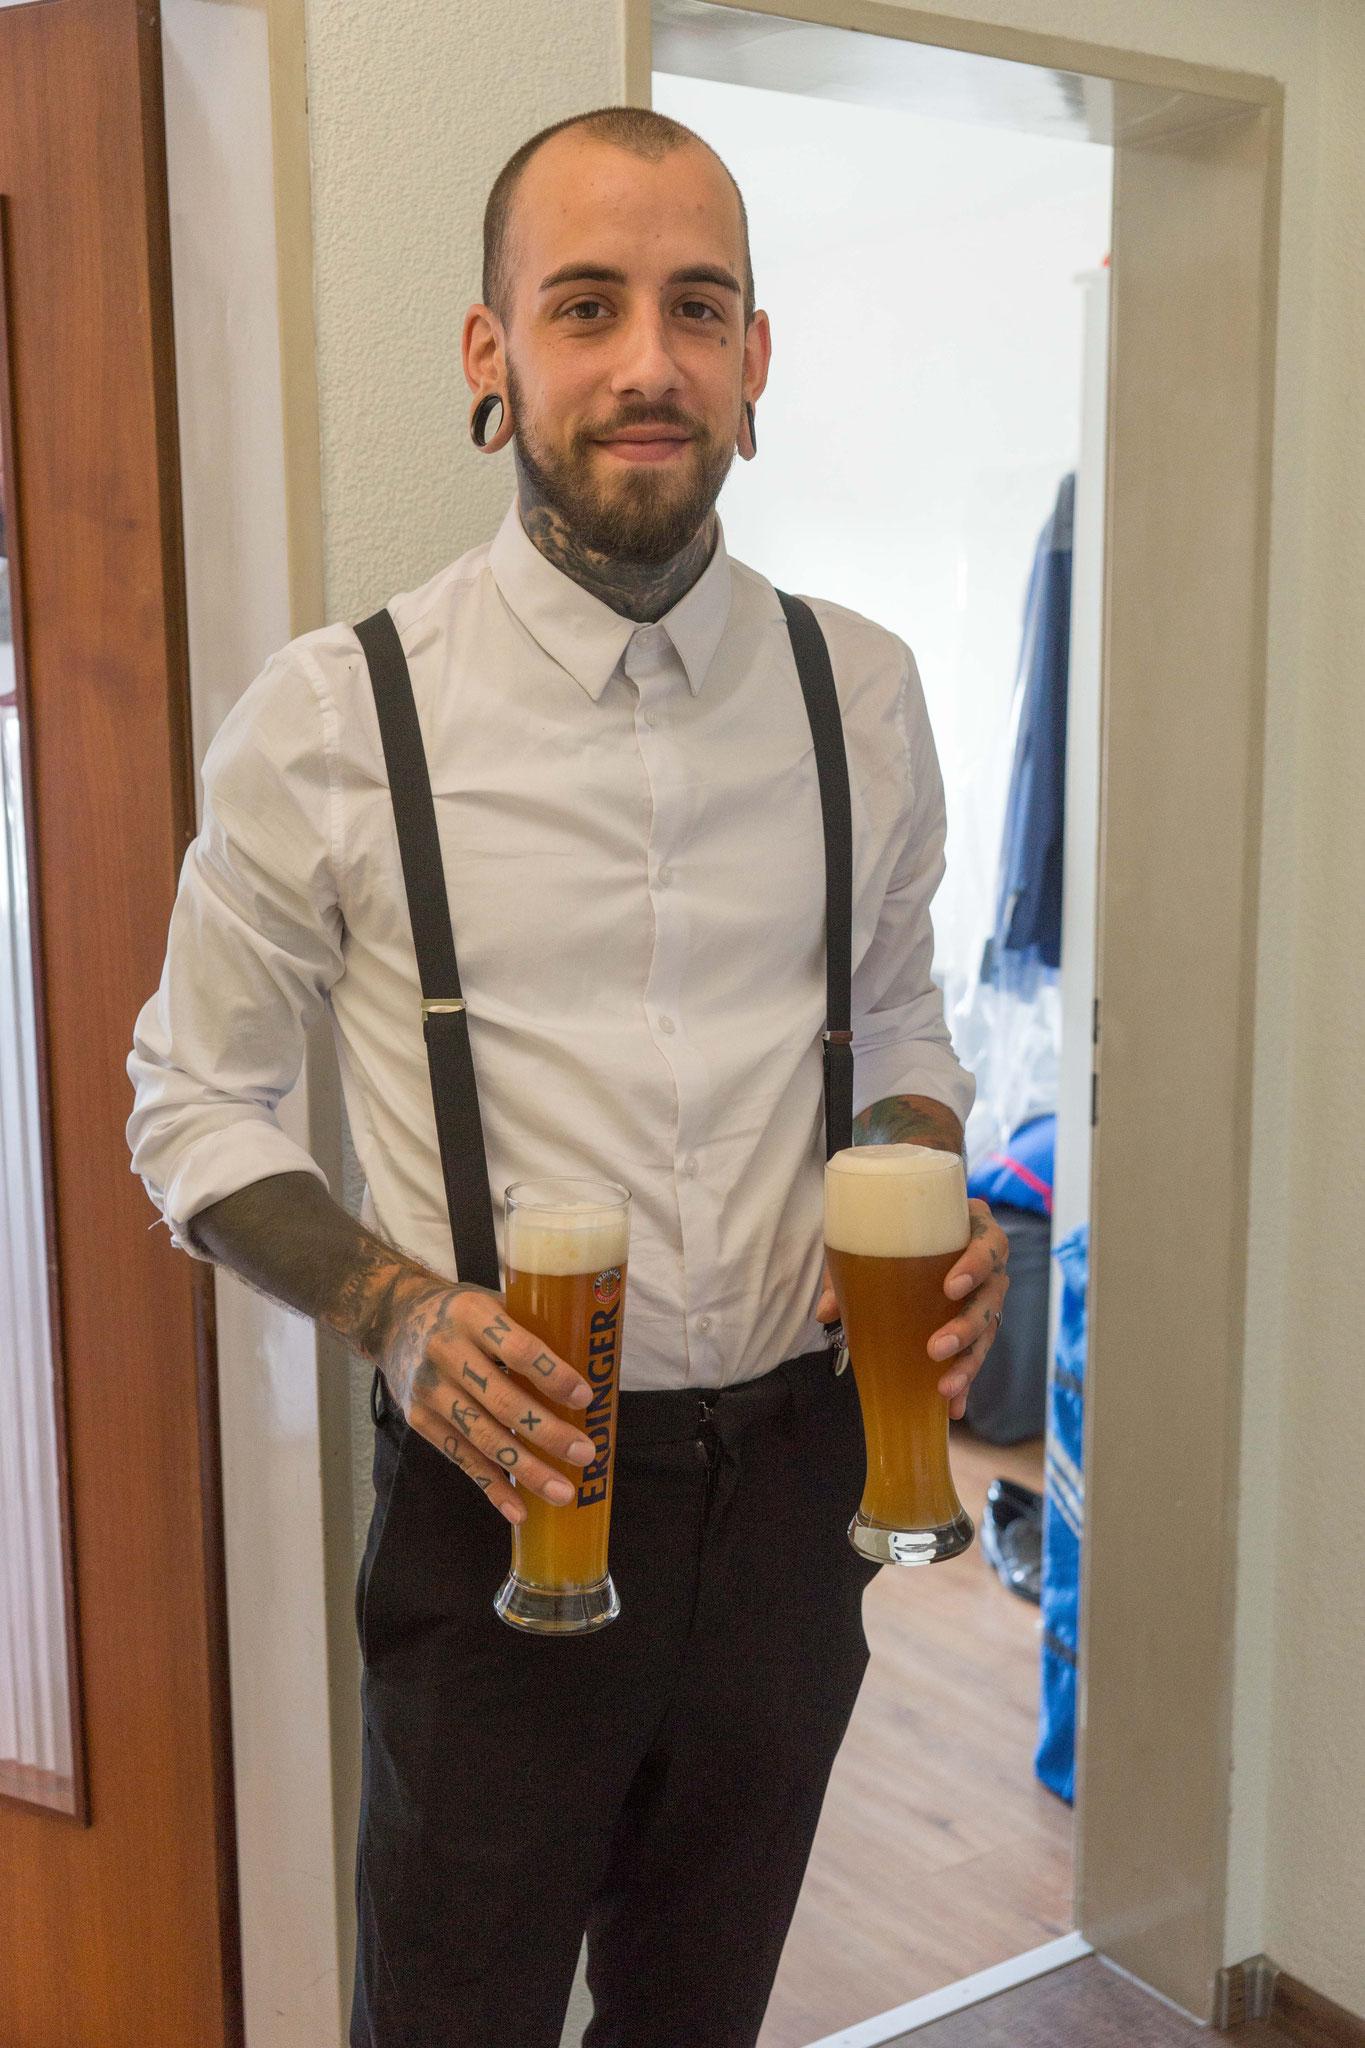 Komm lass und mal etwas gscheits trinken